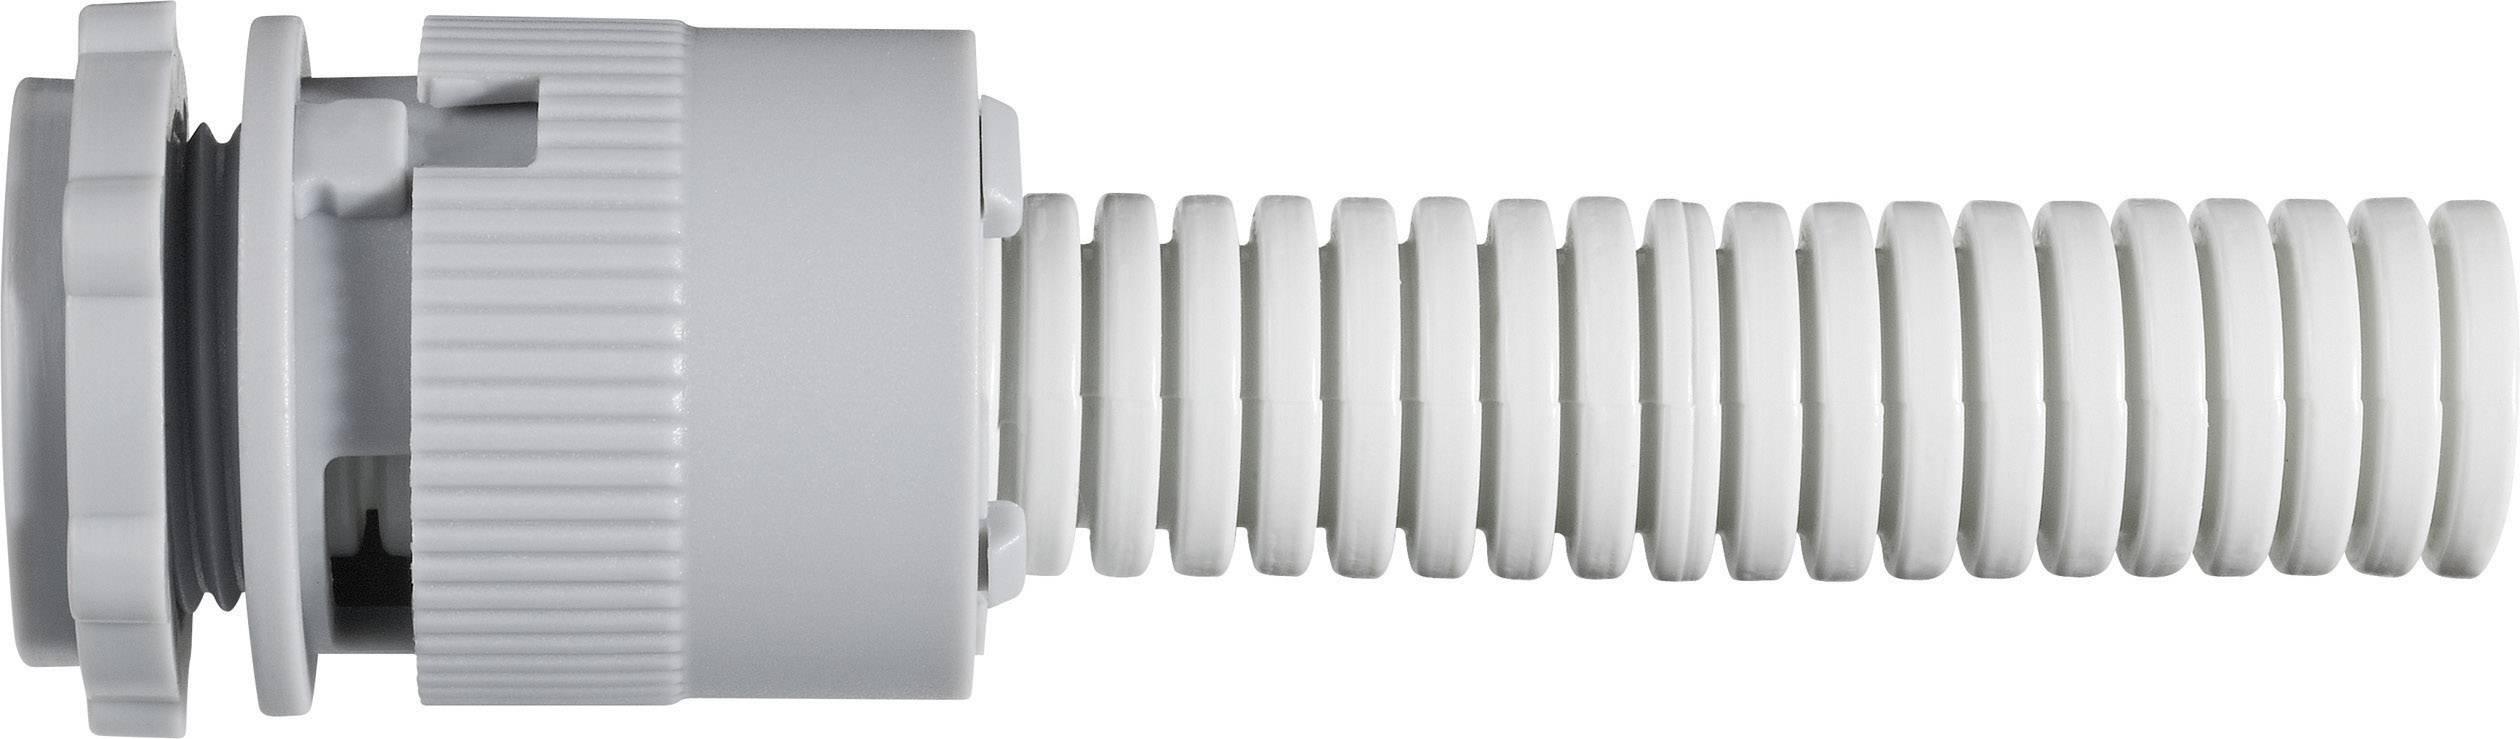 Rychlospojka pro trubky, 25 mm, šedá